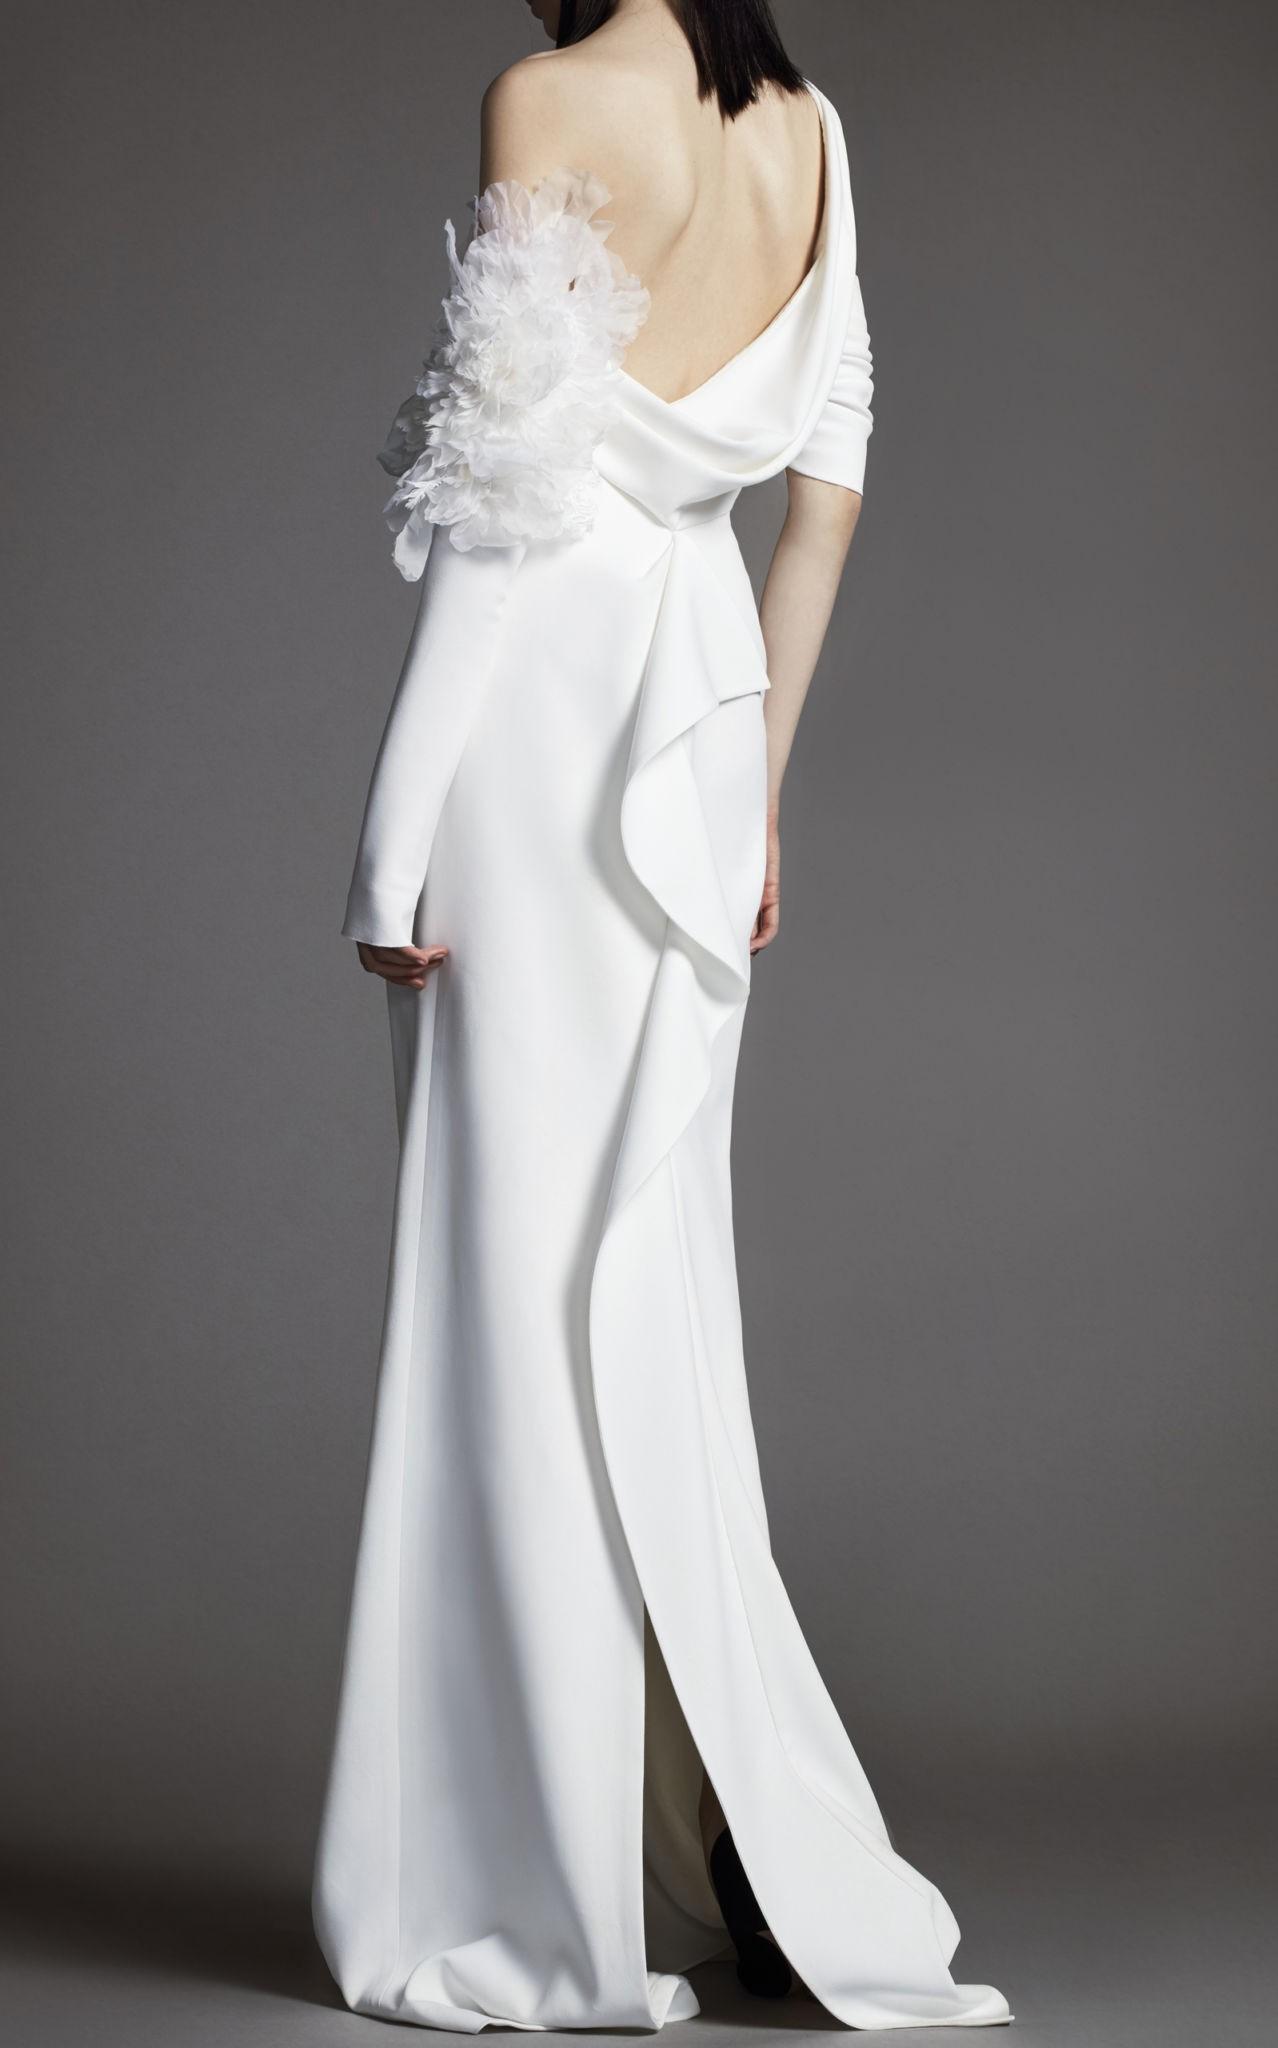 Коллекция свадебных платьев Vera Wang Spring/Summer 2018 года: The Clementine воланы А- силует открытое плечо